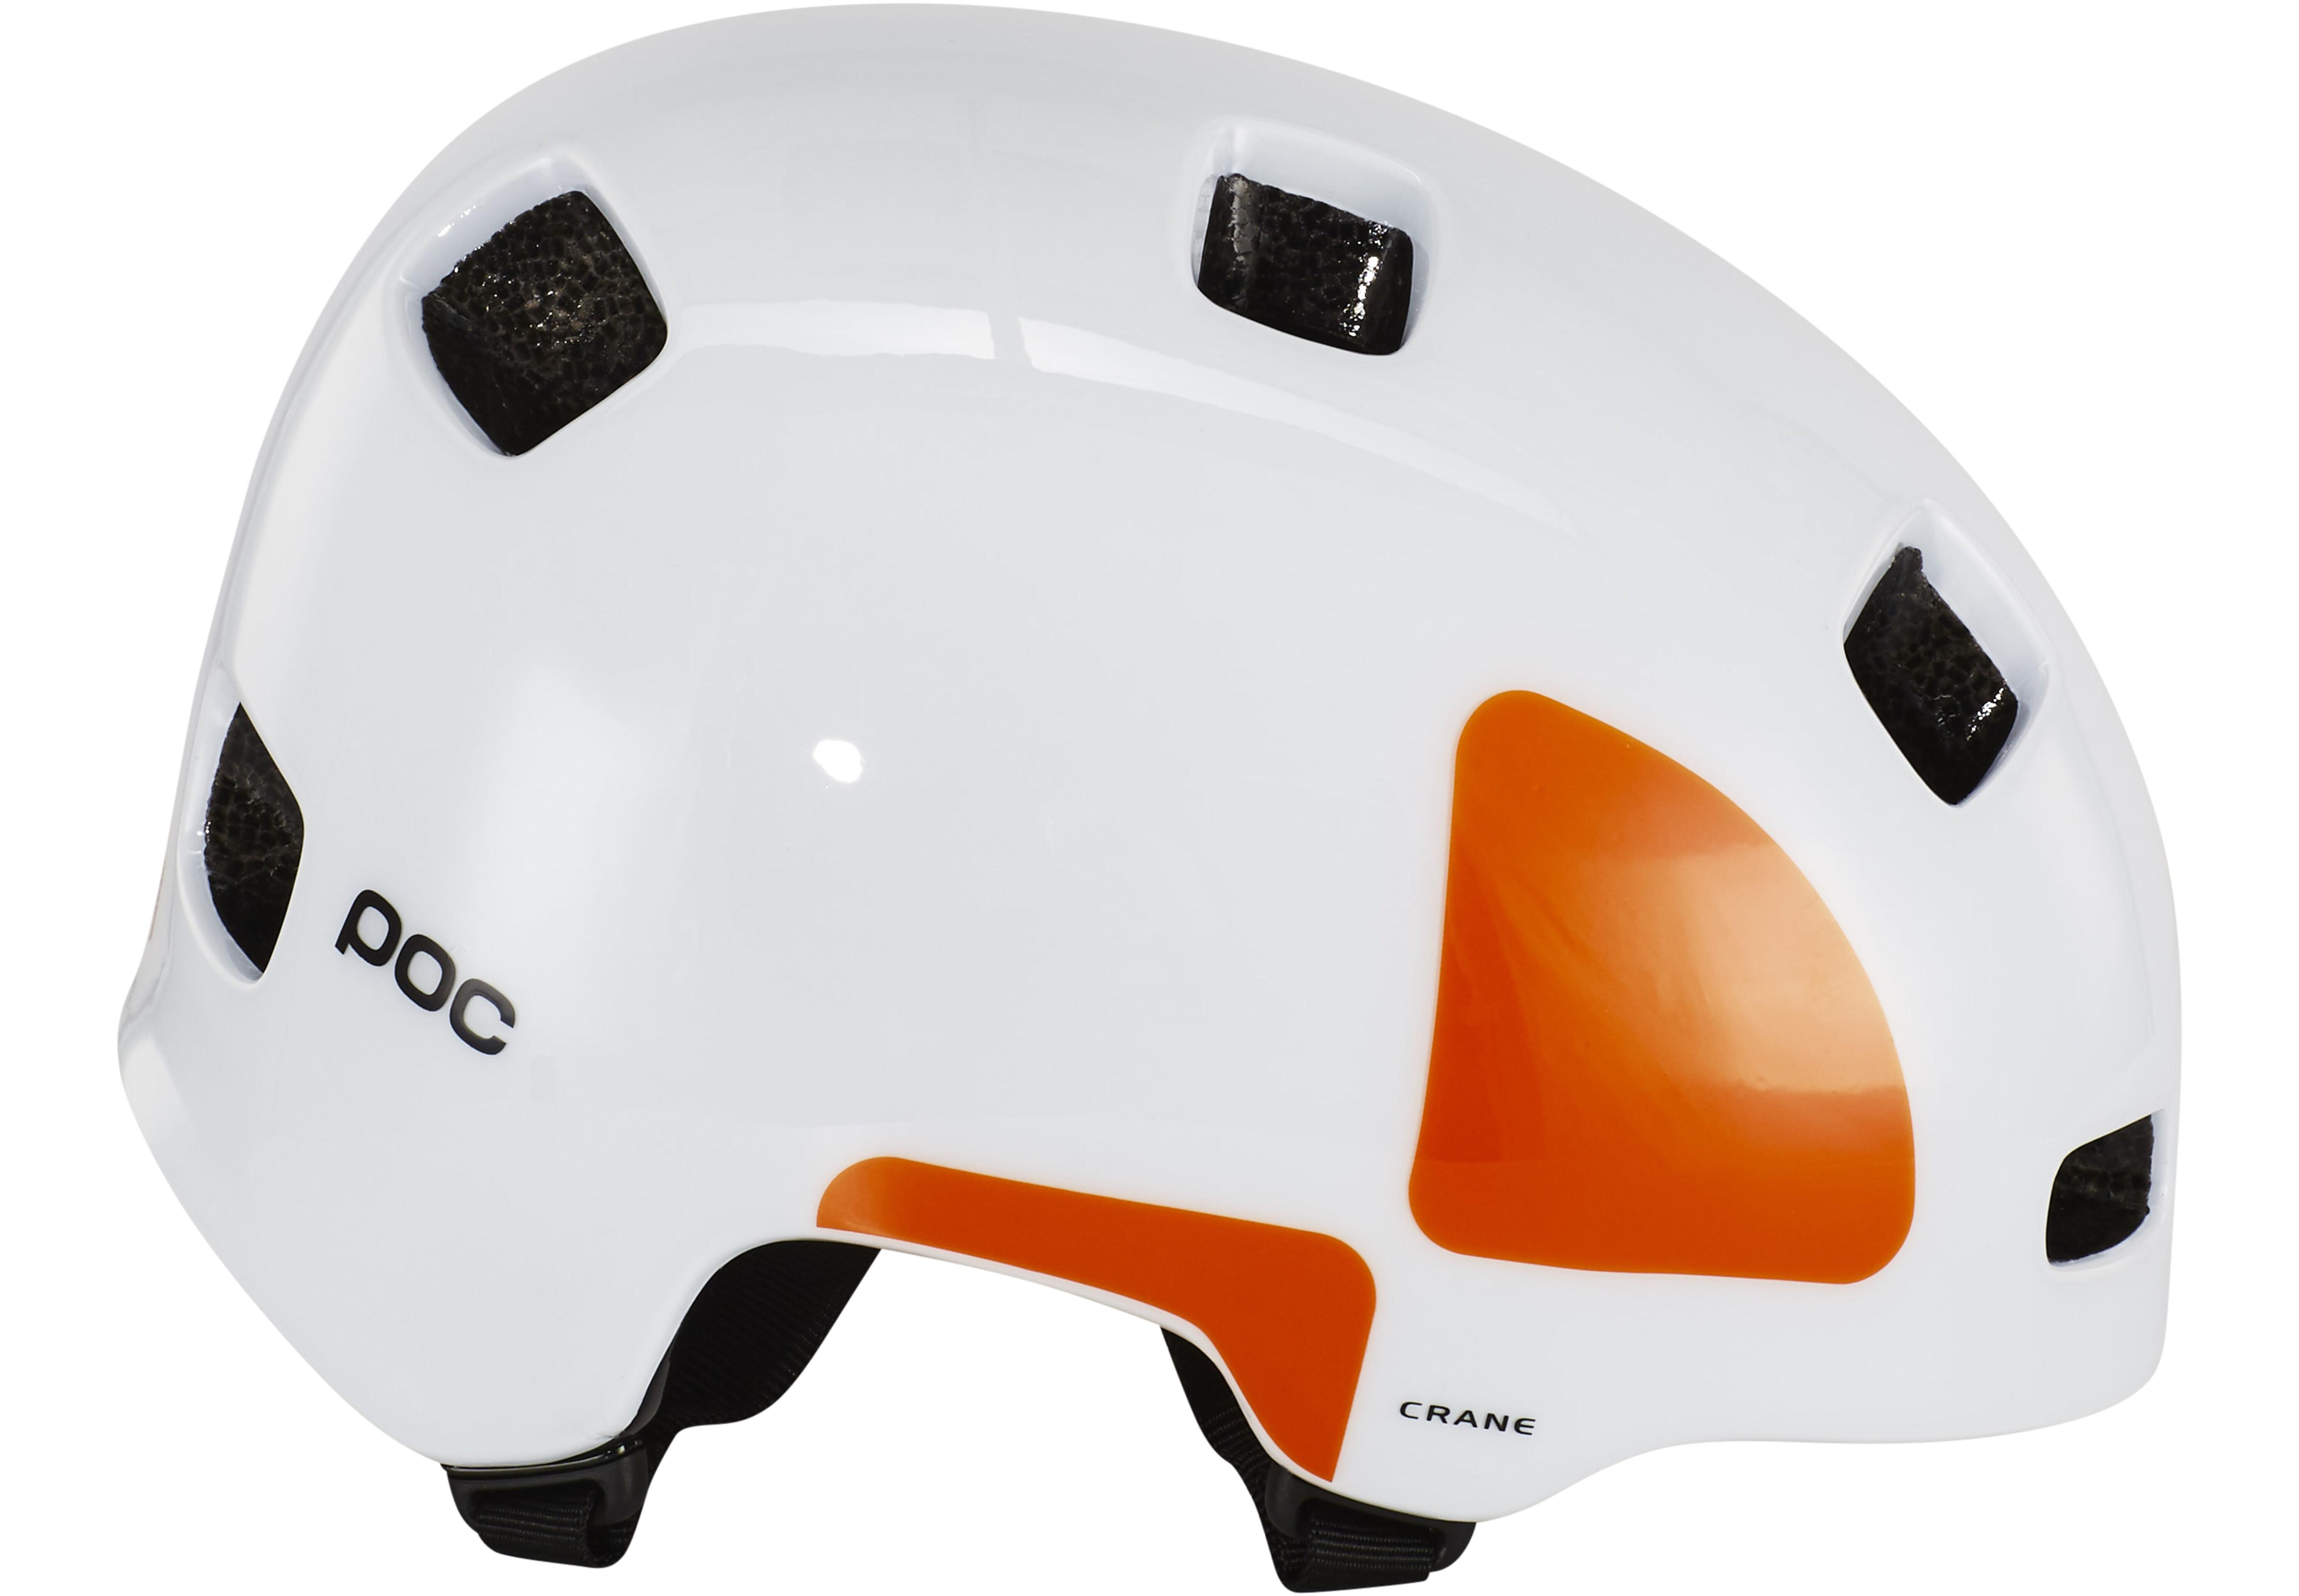 POC Crane MIPS Bike Helmet white at Bikester.co.uk e24e8cfd4f6ab